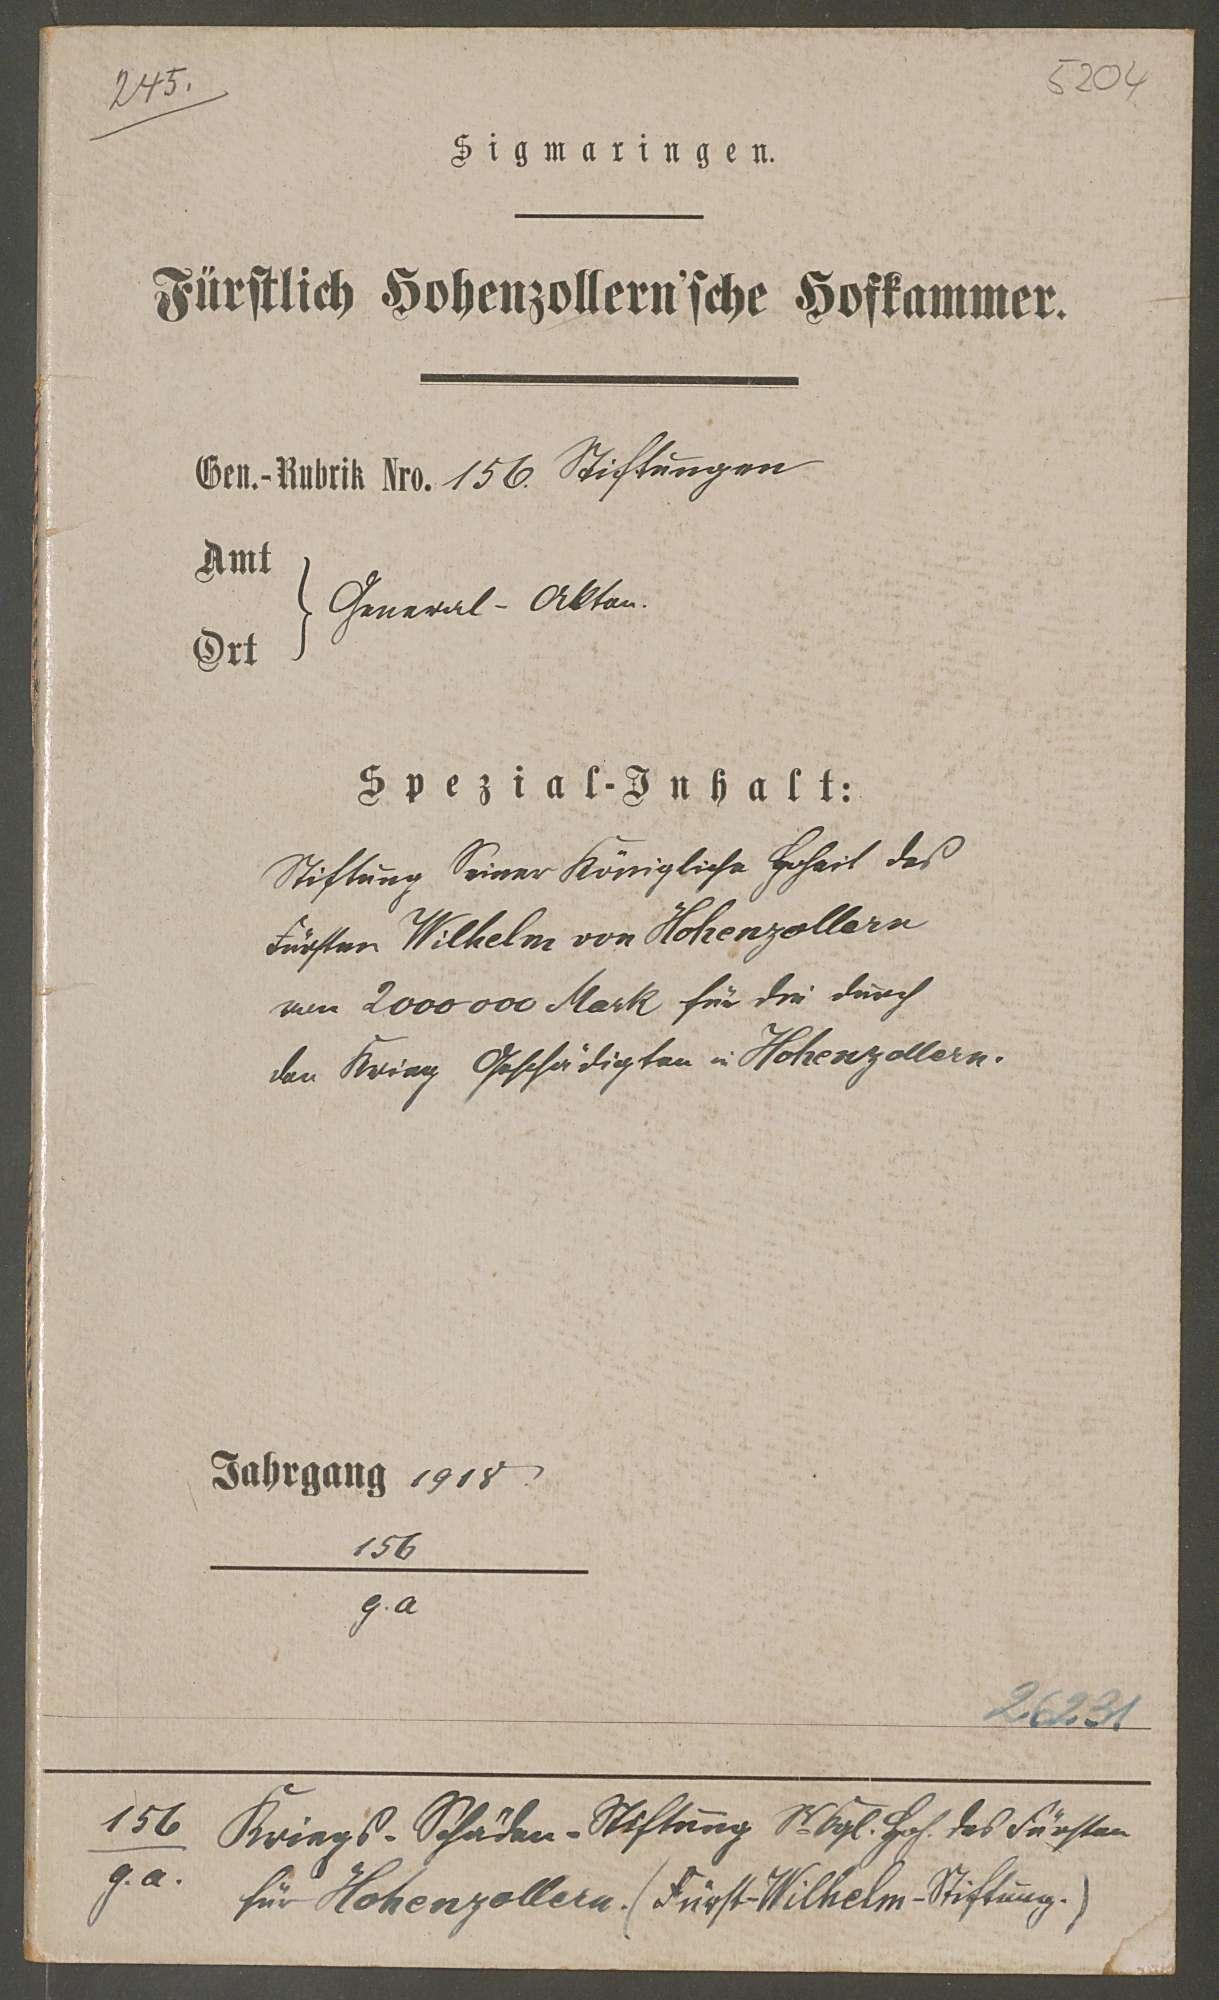 Stiftung des Fürsten Wilhelm von Hohenzollern von 2000000 Mark für die durch den Krieg Geschädigten in Hohenzollern, Bild 1